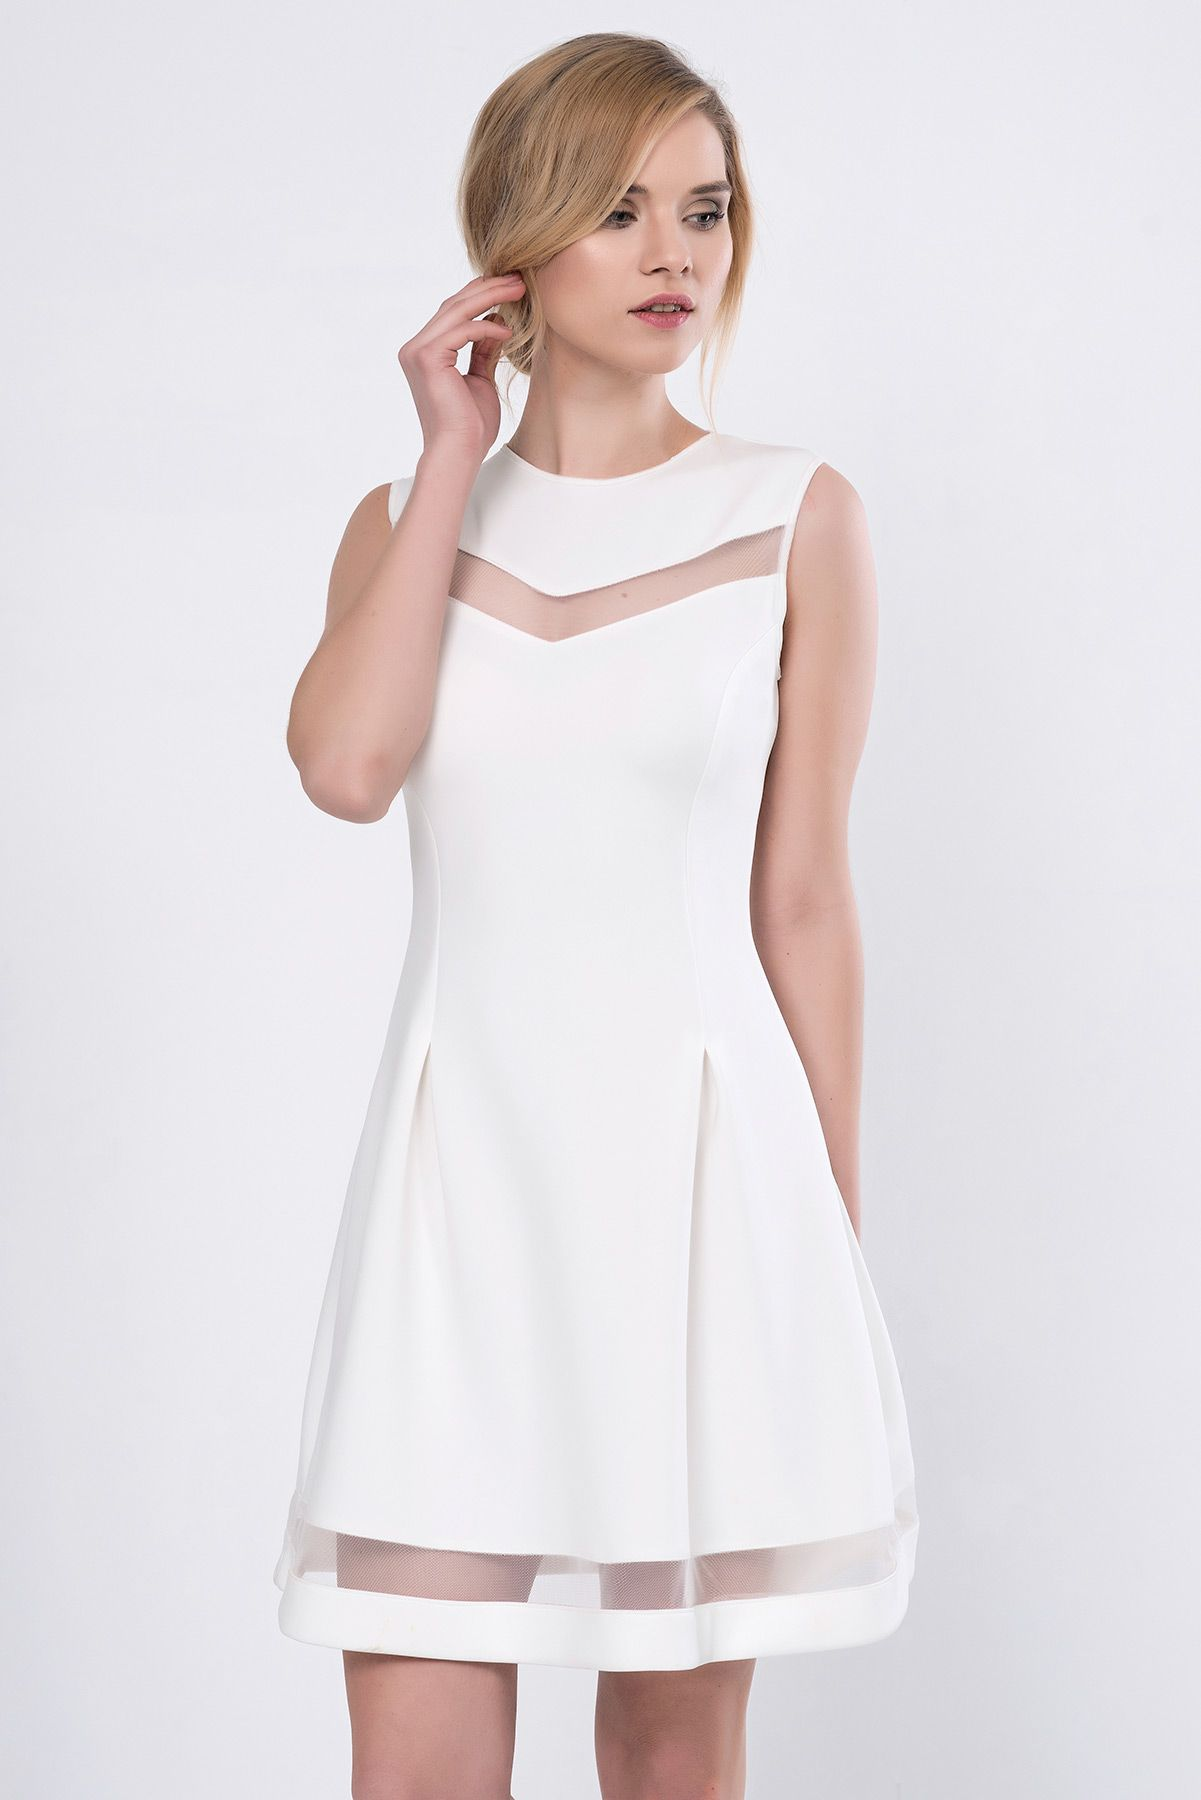 Buyuk Beden Abiye Elbise Modelleri Sik Abiyeler Sayfa 2 Elbise Modelleri Elbise Kisa Elbise